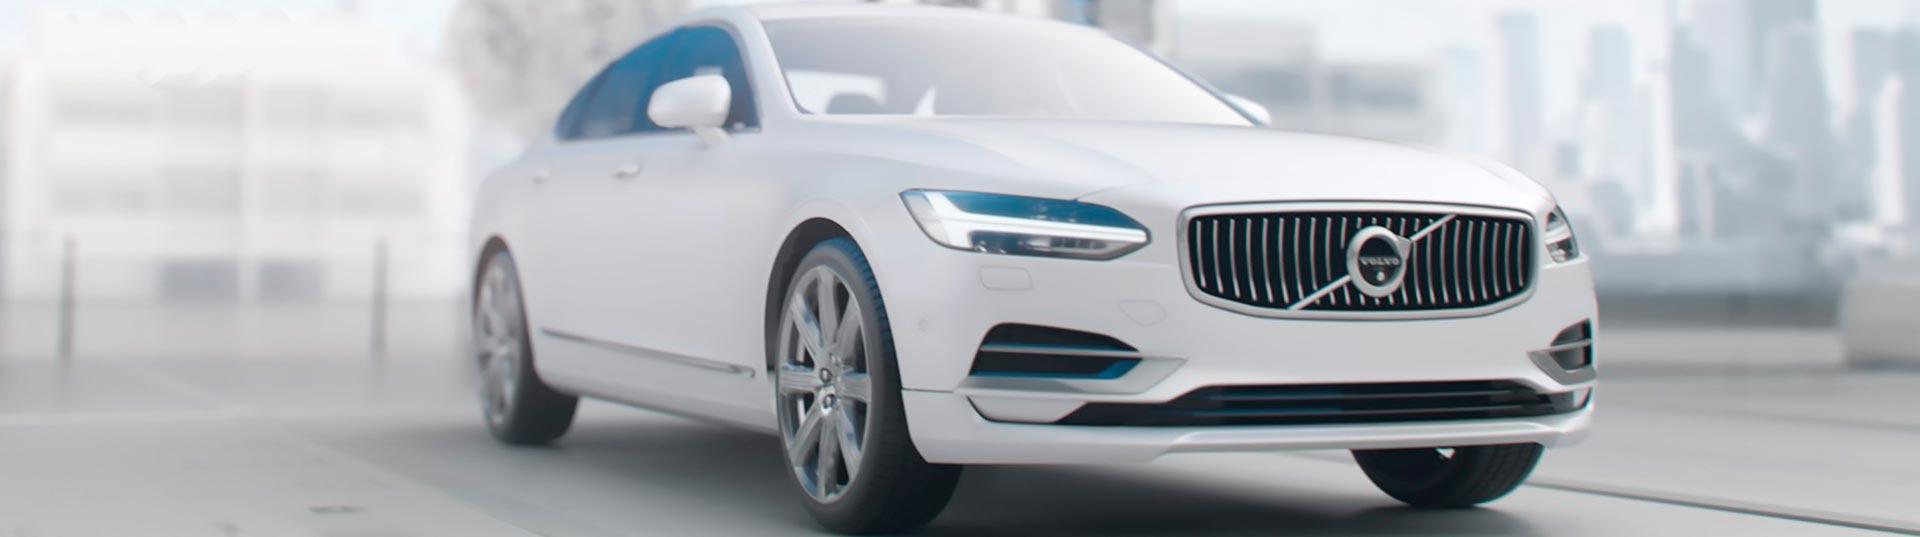 Volvo Concierge